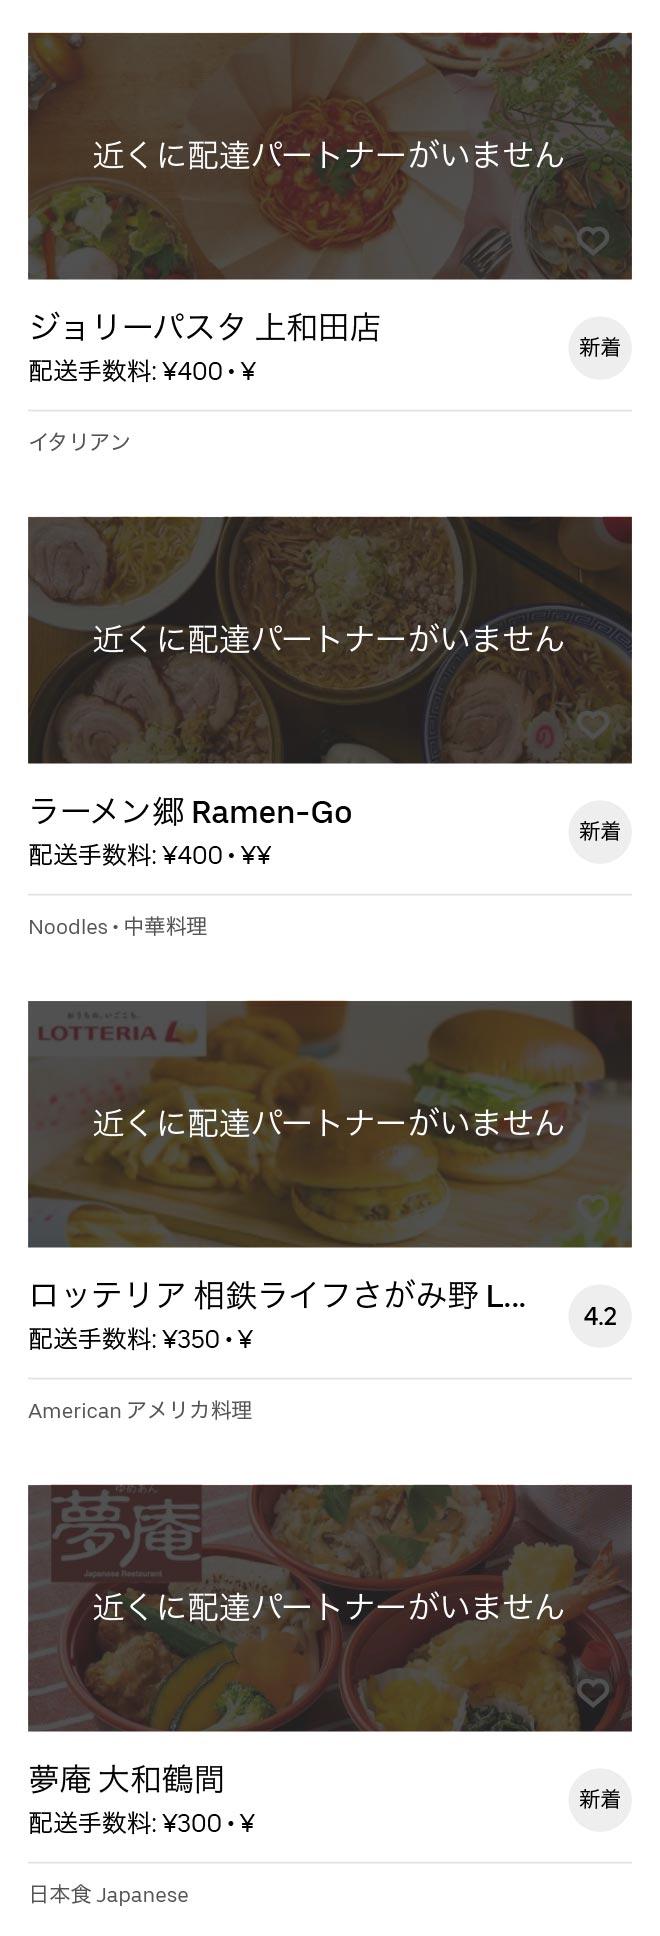 Yamato menu 2008 08